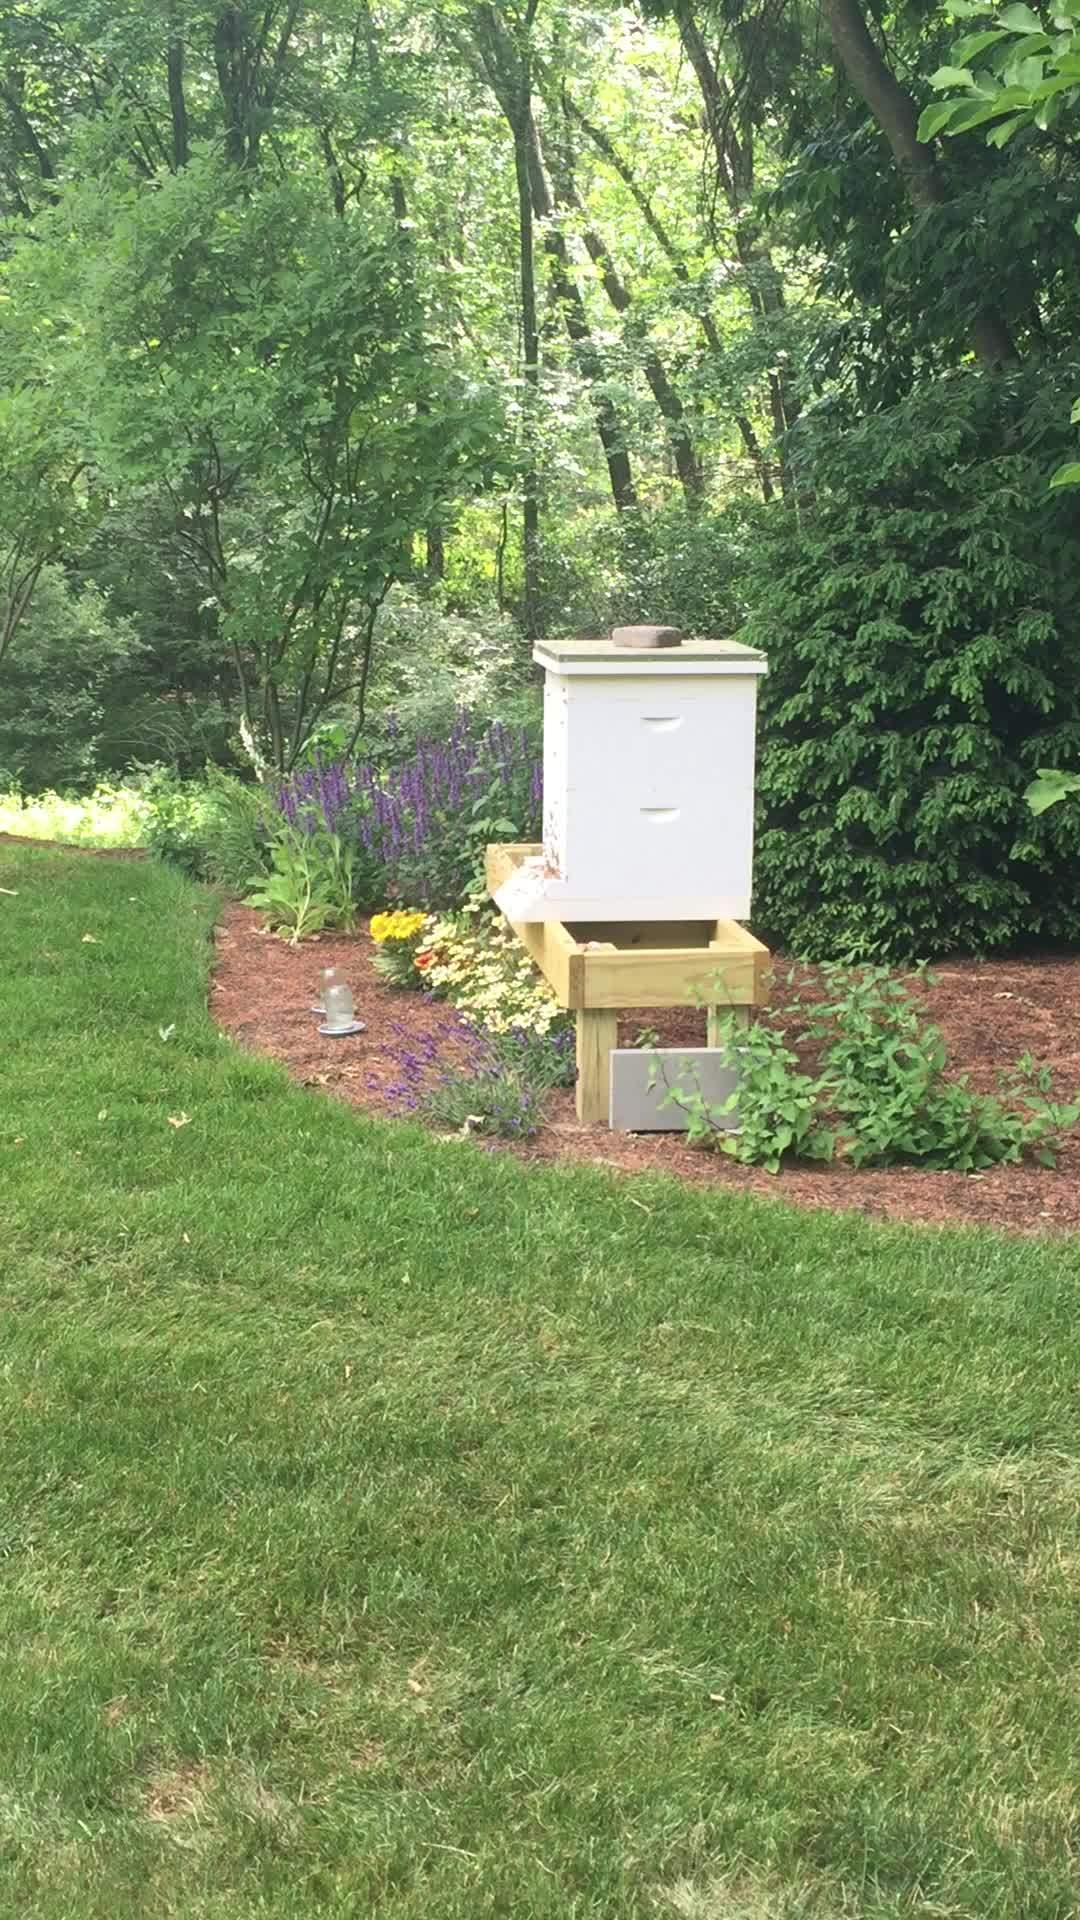 Bee, Bees, beekeeping, Bee swarm? GIFs